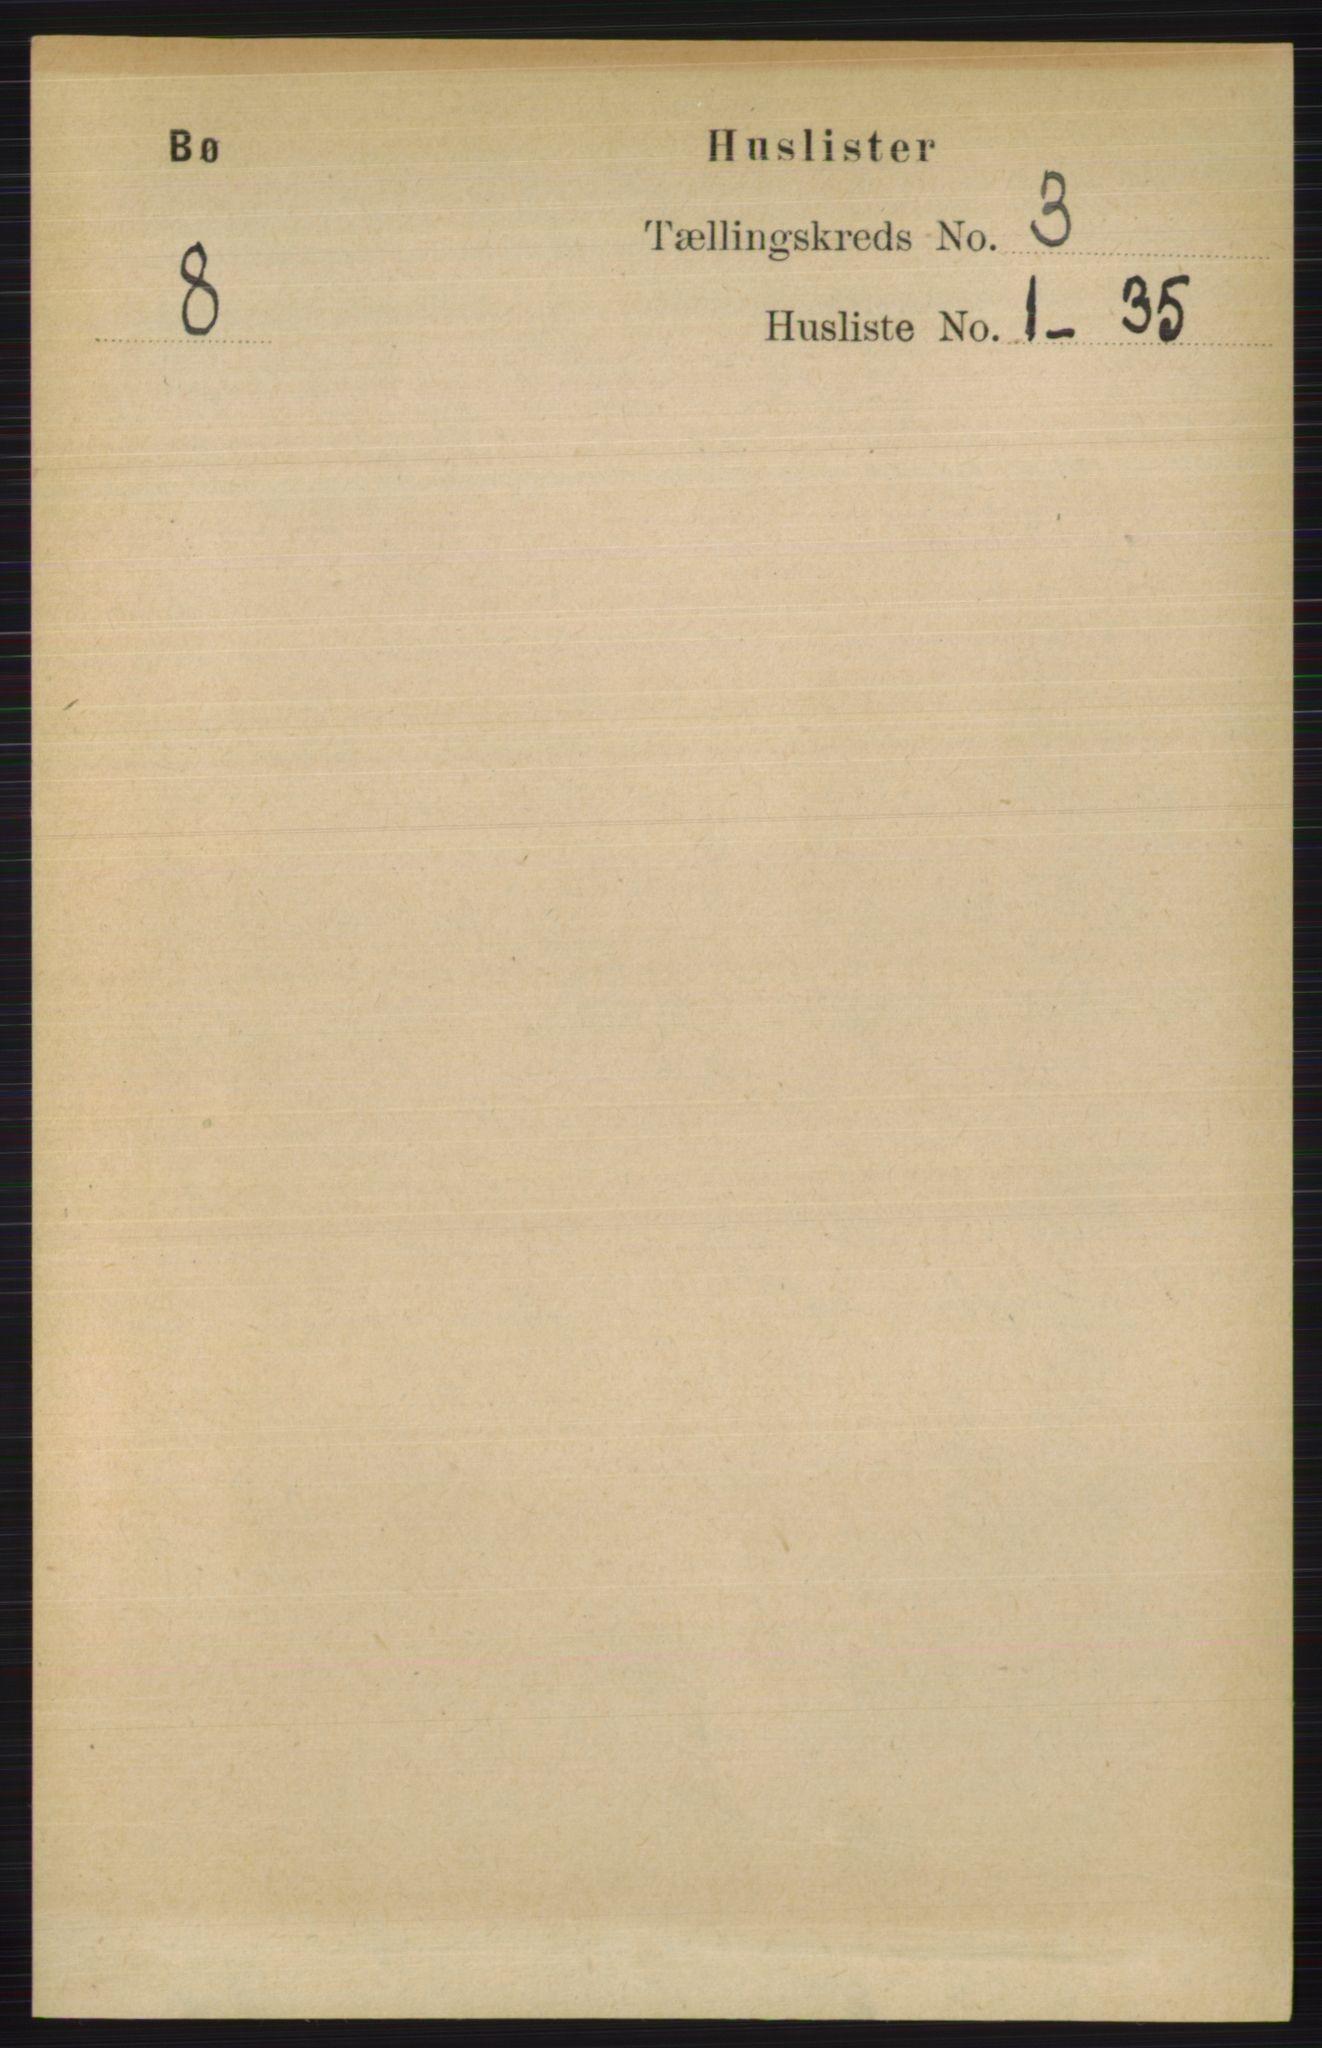 RA, Folketelling 1891 for 0821 Bø herred, 1891, s. 975